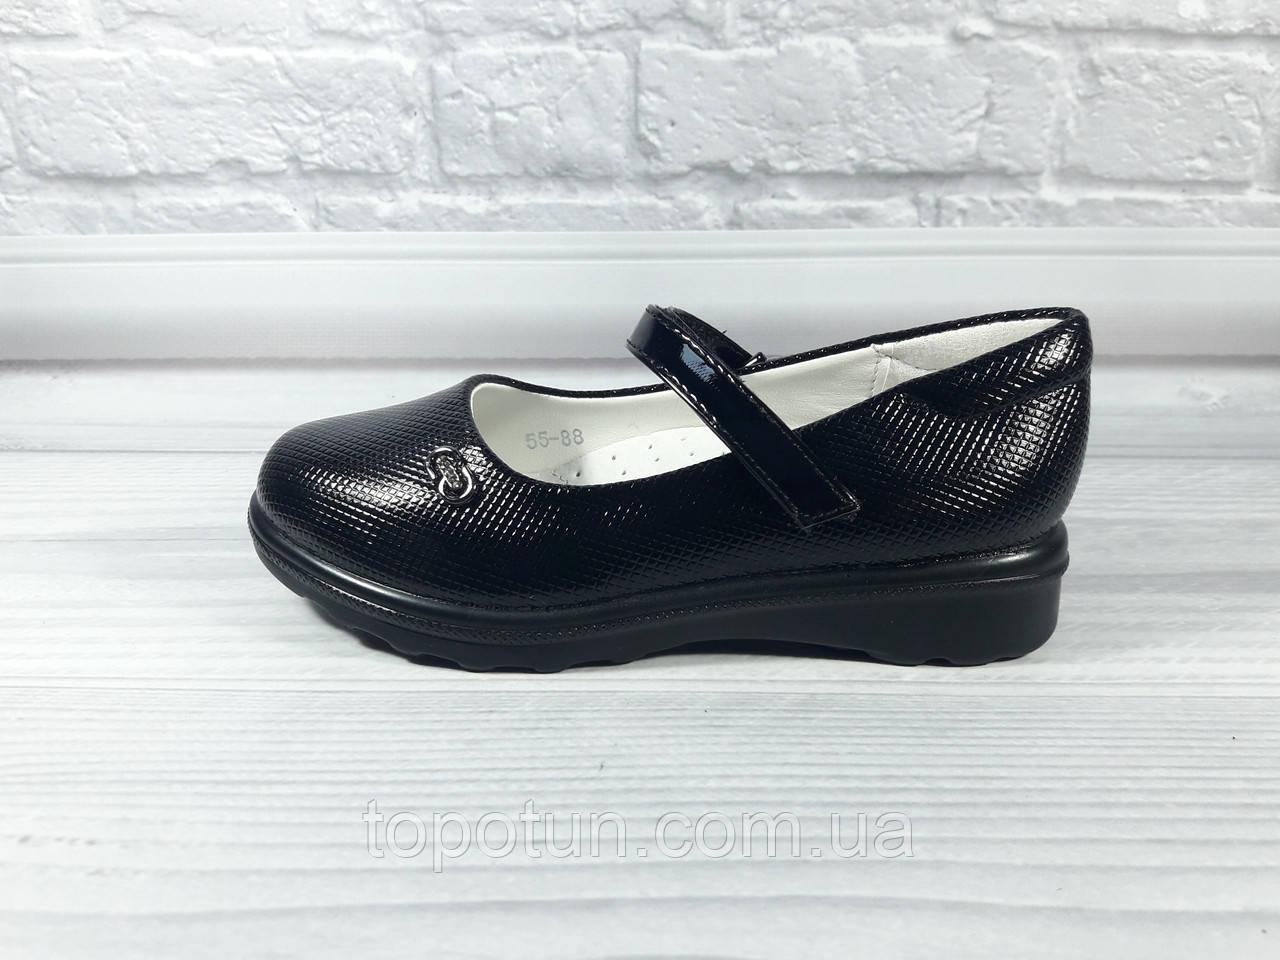 """Школьные туфли для девочки """"Yalike"""" Размер: 27,28"""